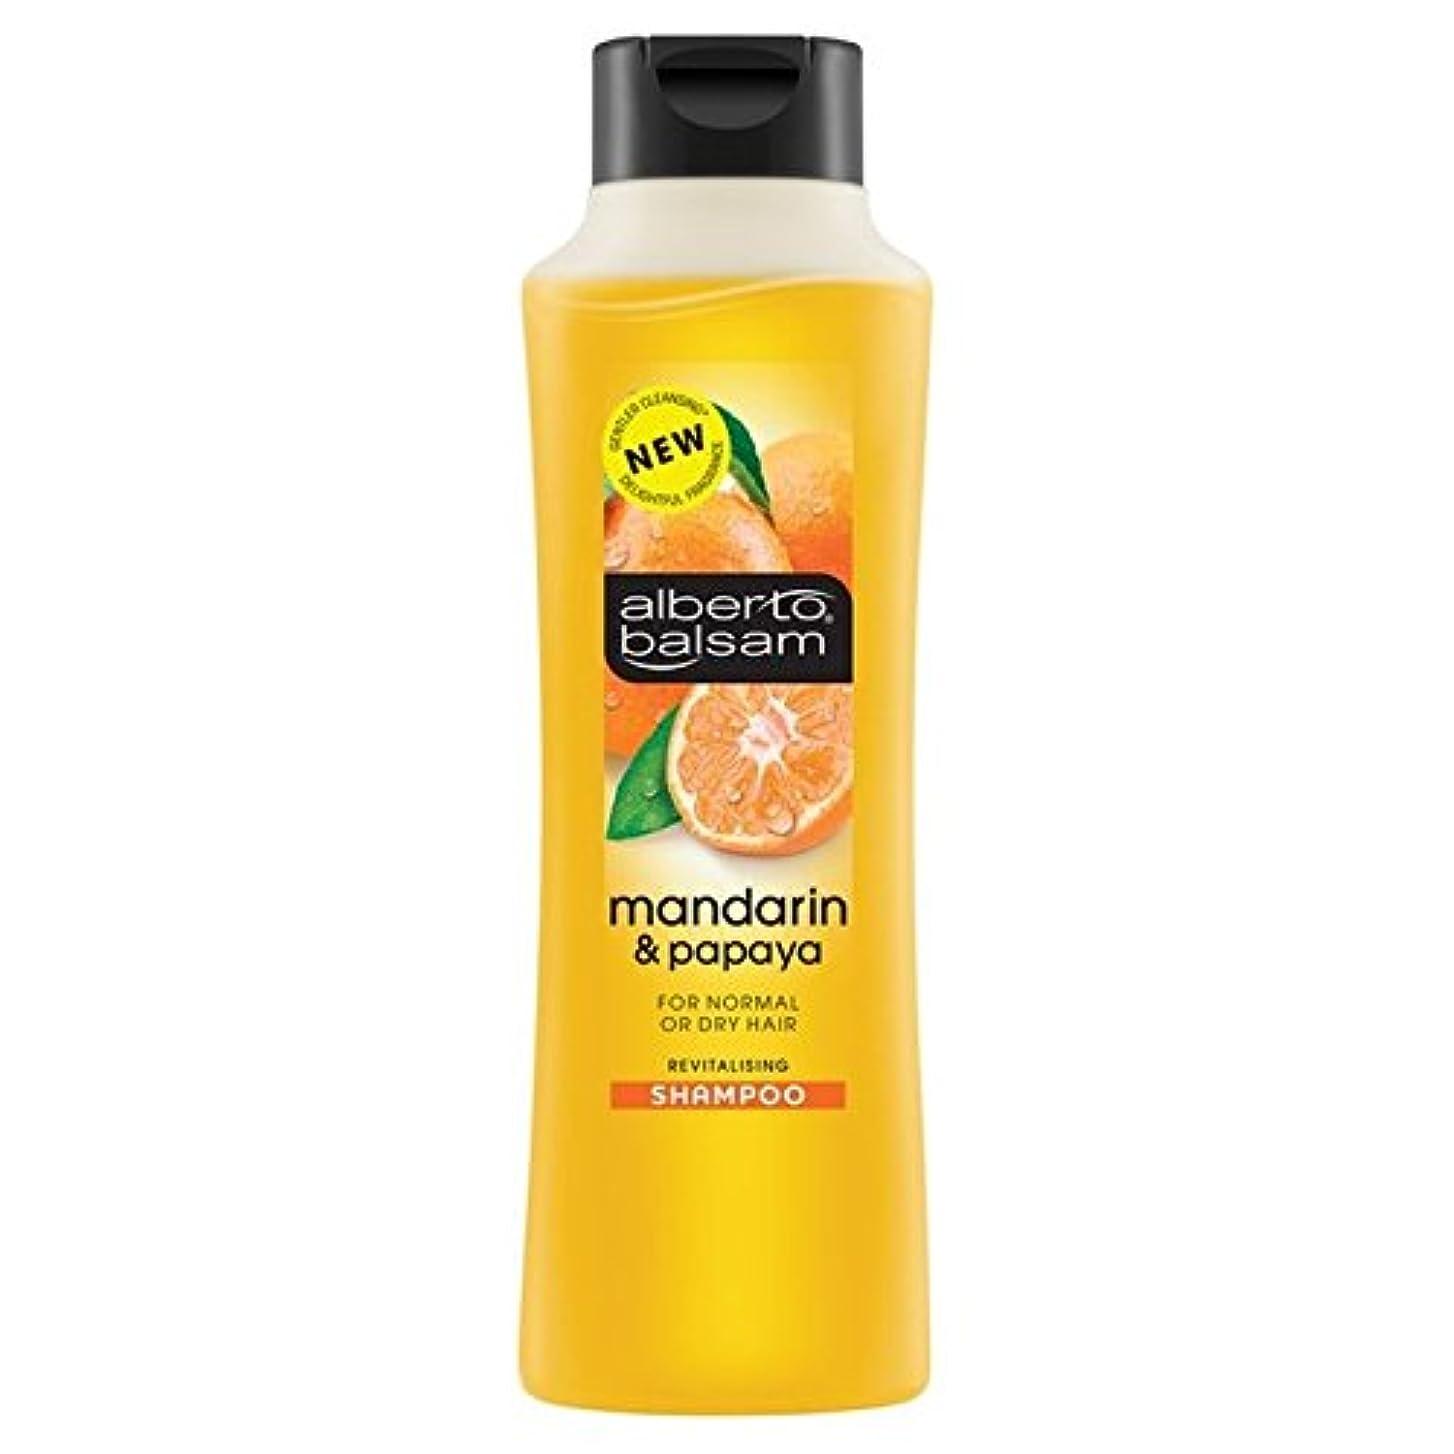 救急車鼓舞する前提Alberto Balsam Mandarin & Papaya Shampoo 350ml (Pack of 6) - アルベルト?バルサムマンダリン&パパイヤシャンプー350ミリリットル x6 [並行輸入品]